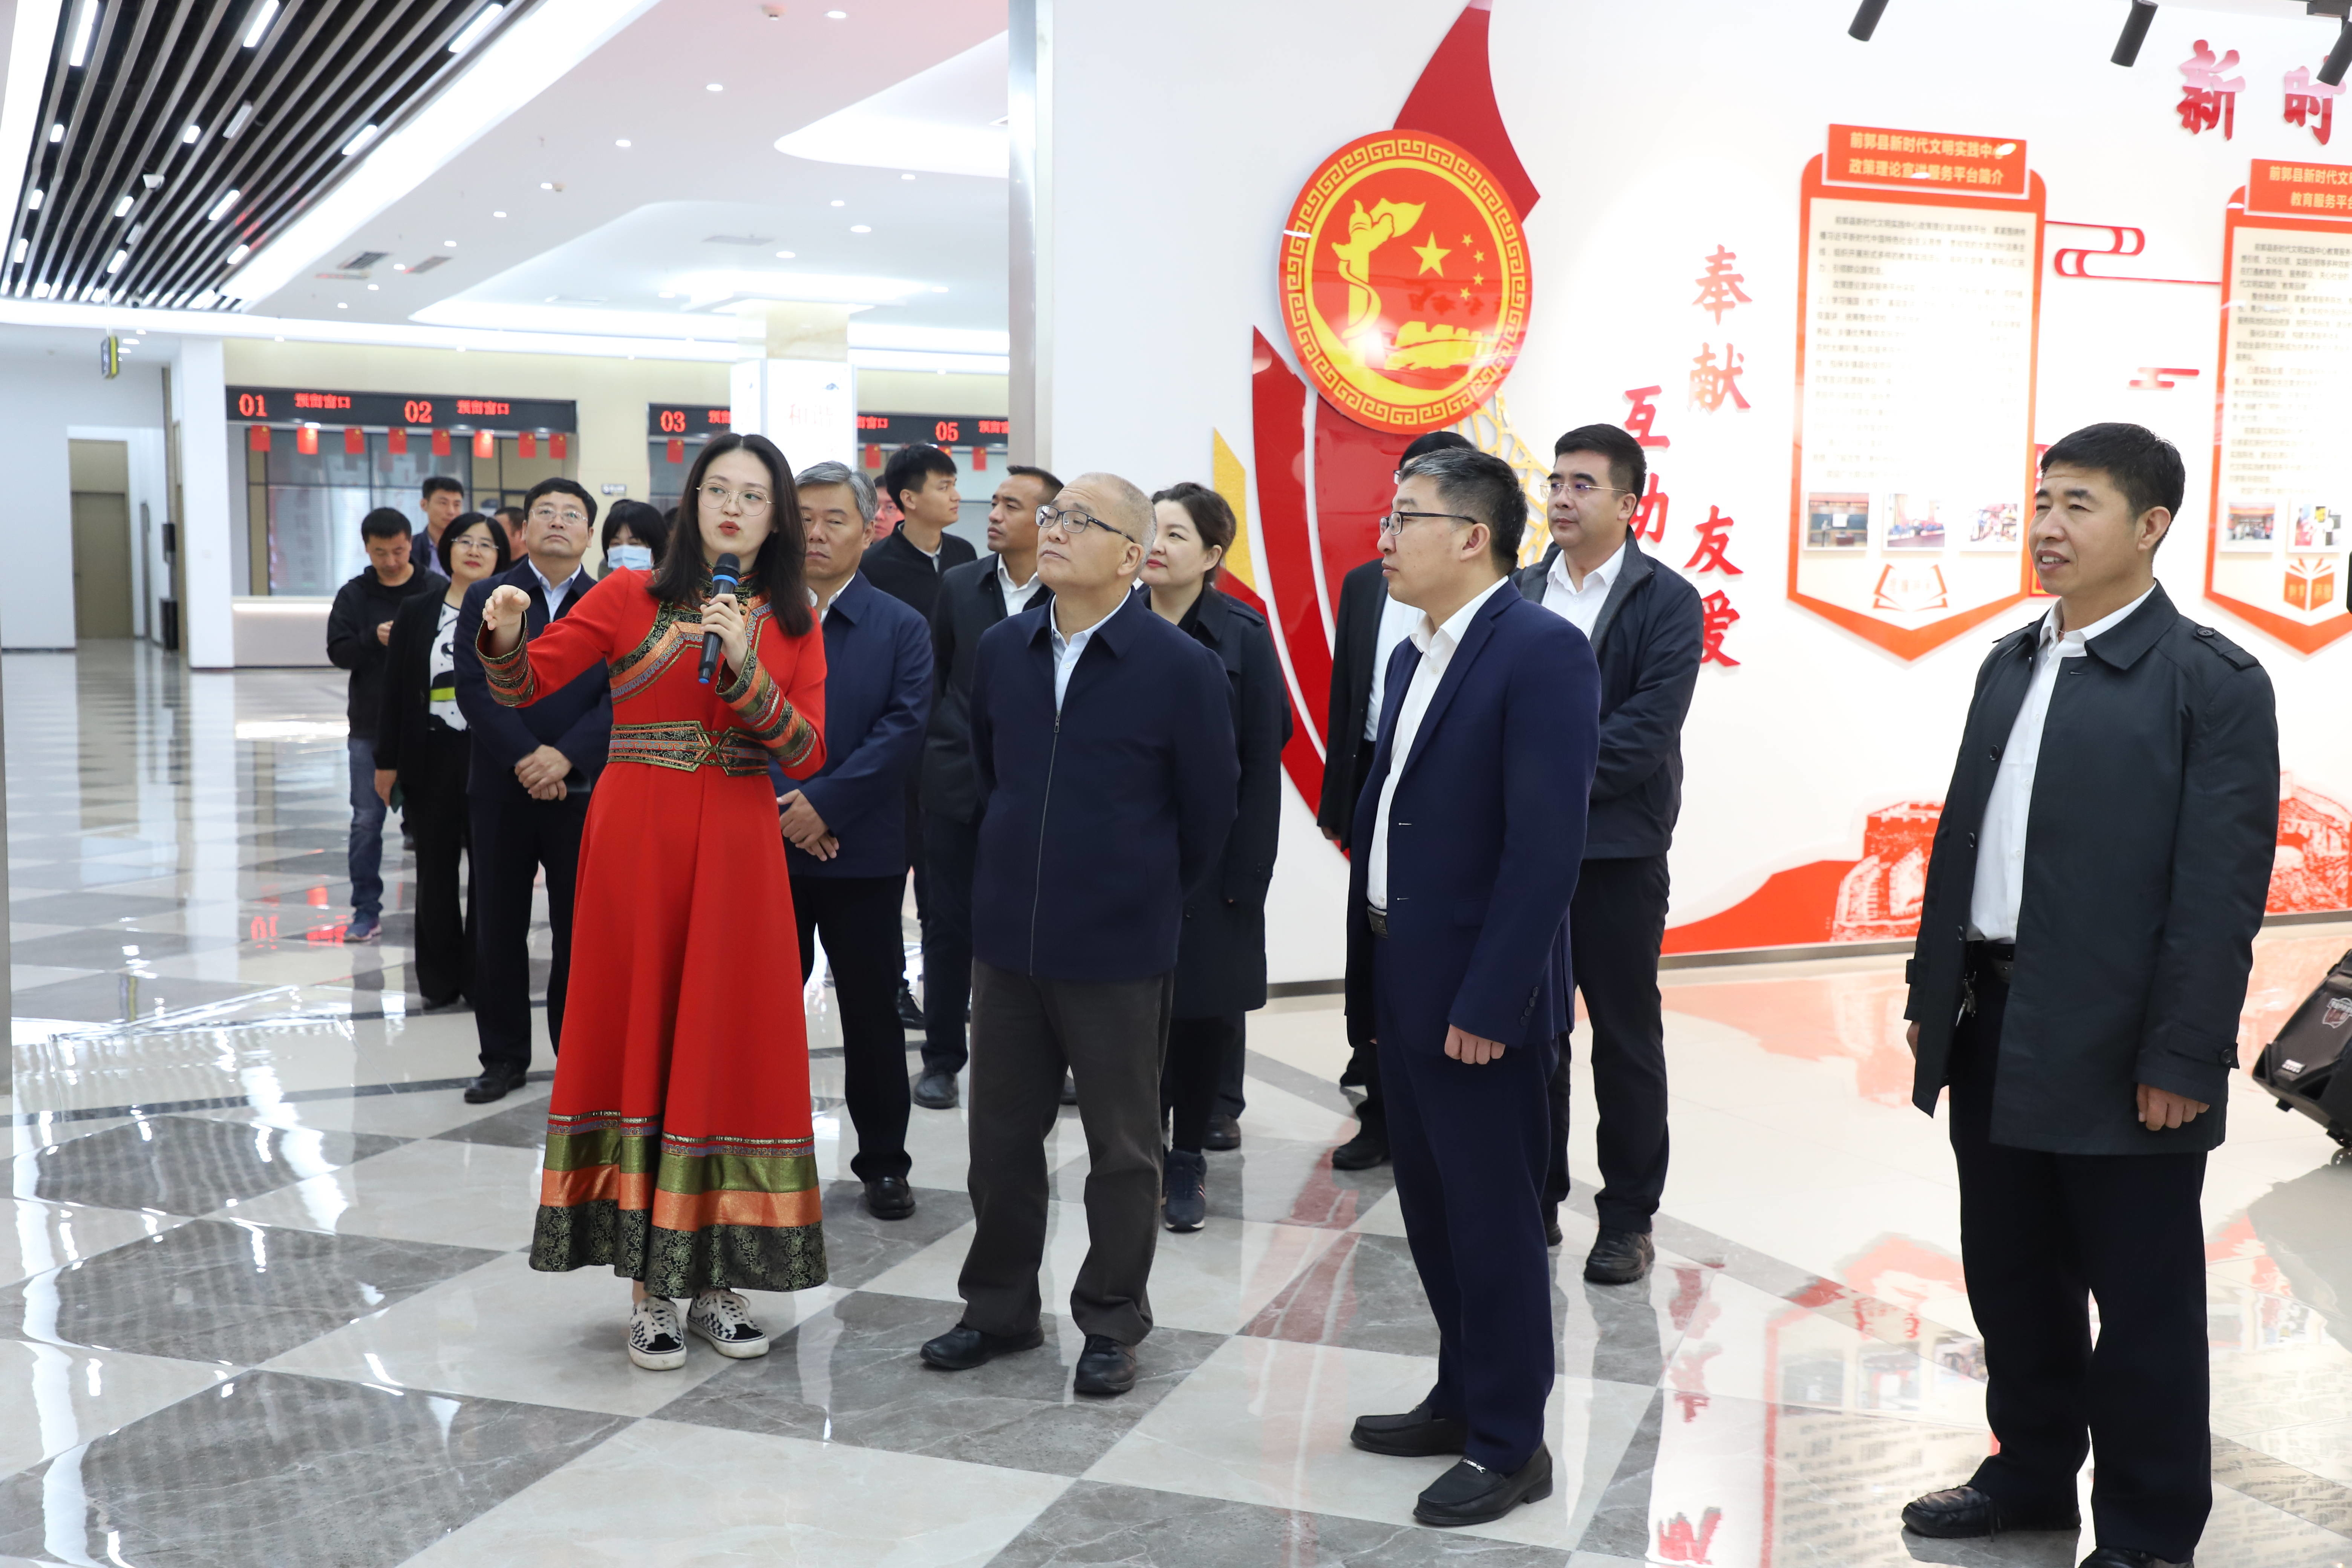 省委常委、宣传部长石玉钢一行到前郭调研